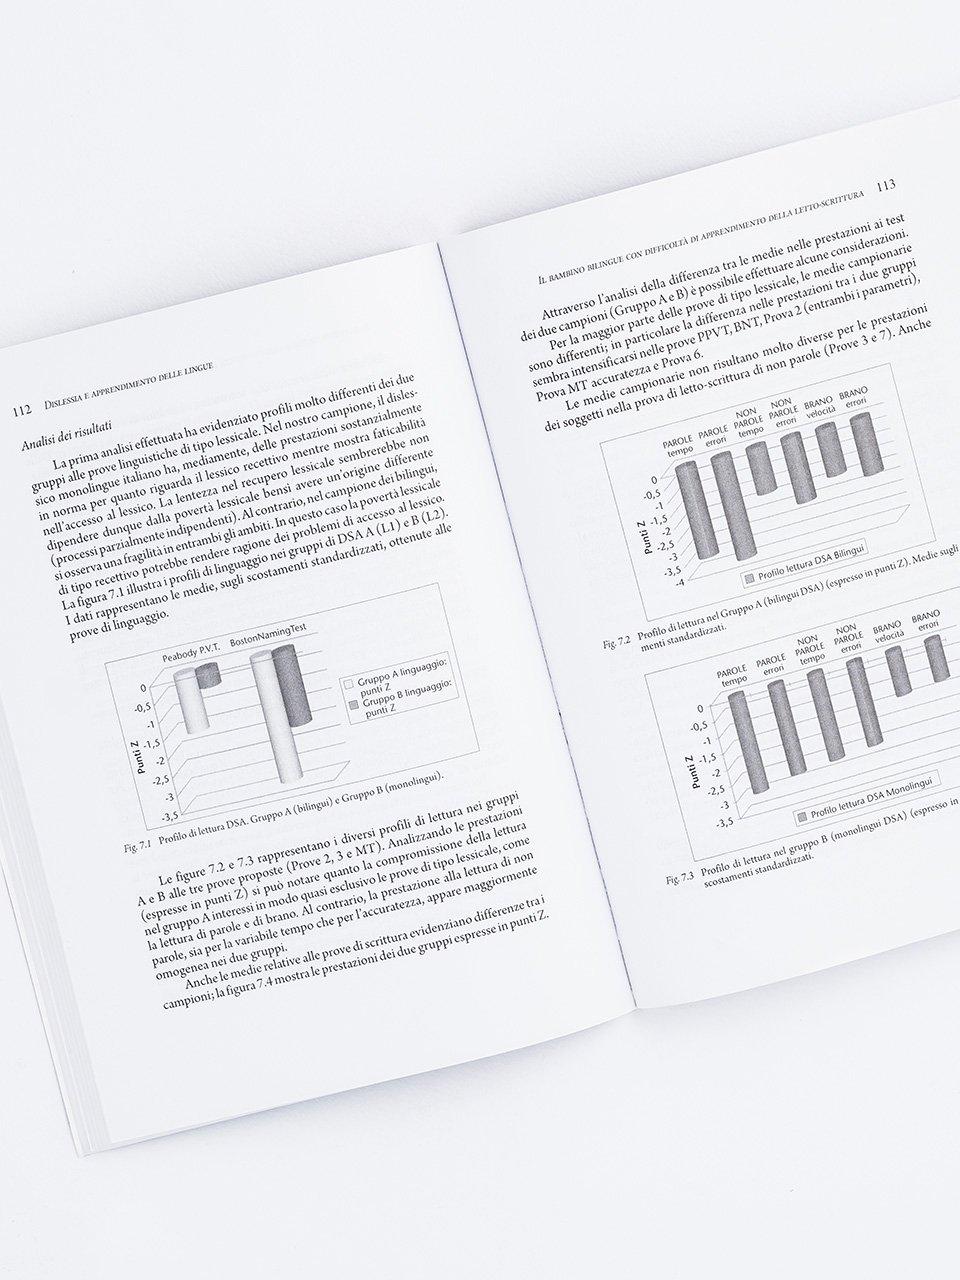 Dislessia e apprendimento delle lingue - Libri - Erickson 2